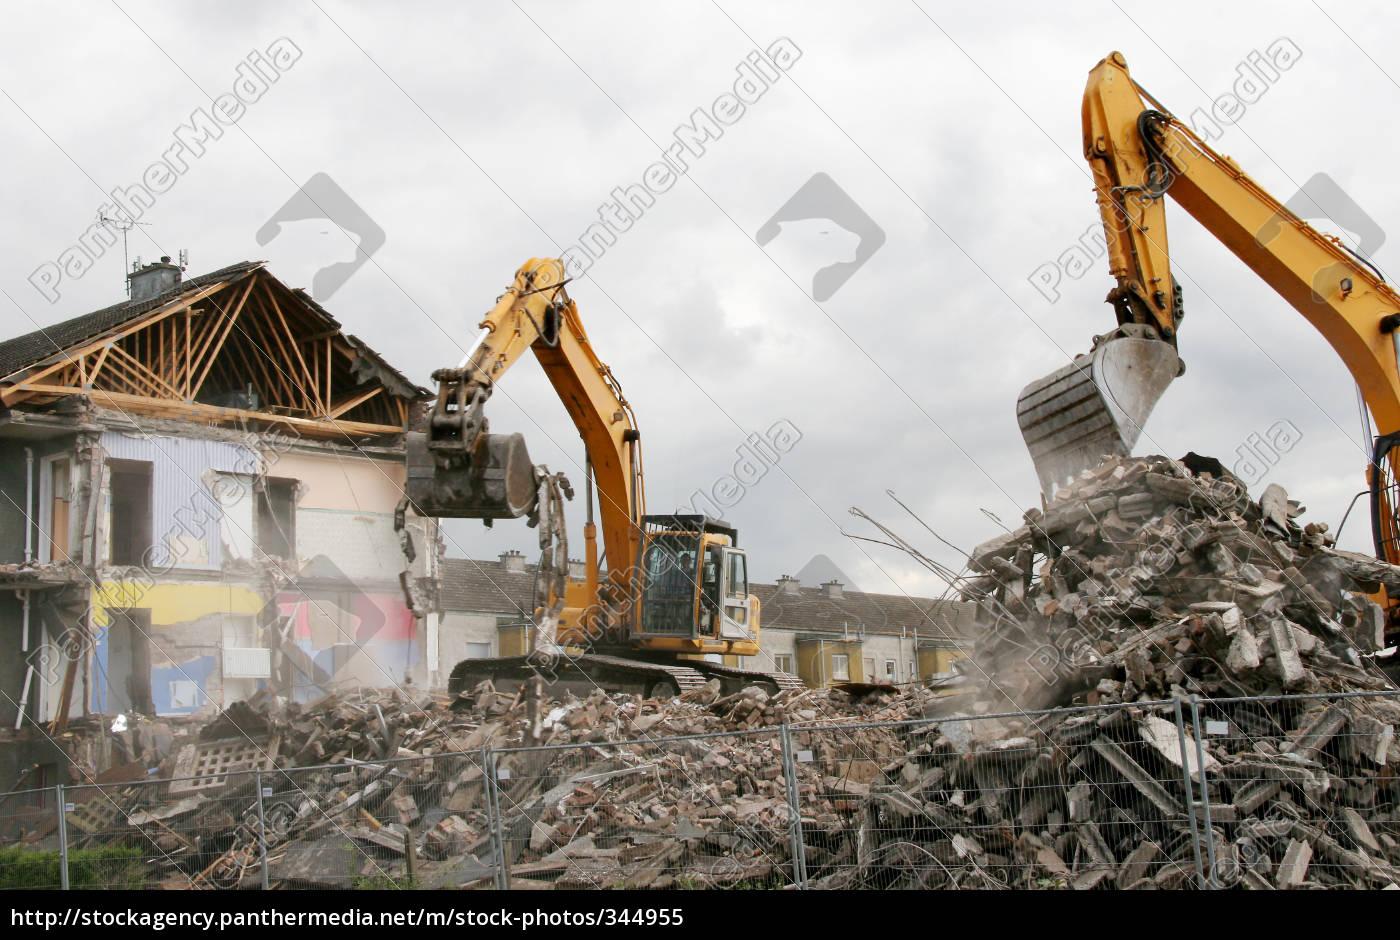 excavator, on, demolition, 1 - 344955